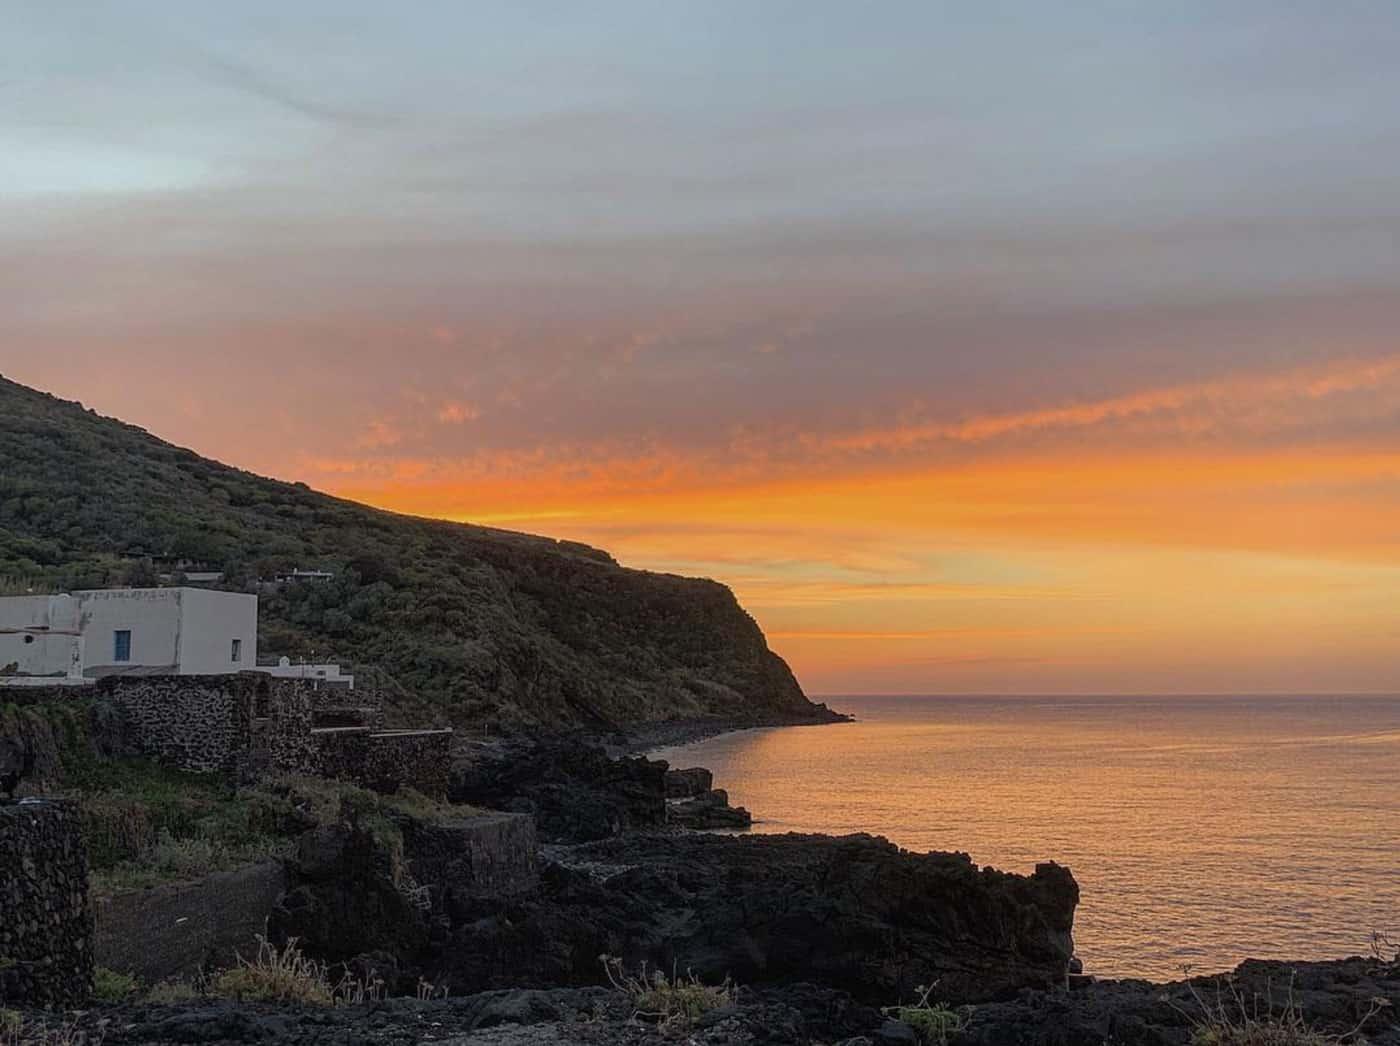 dormire a stromboli - veduta di una casa a picco sulla costa